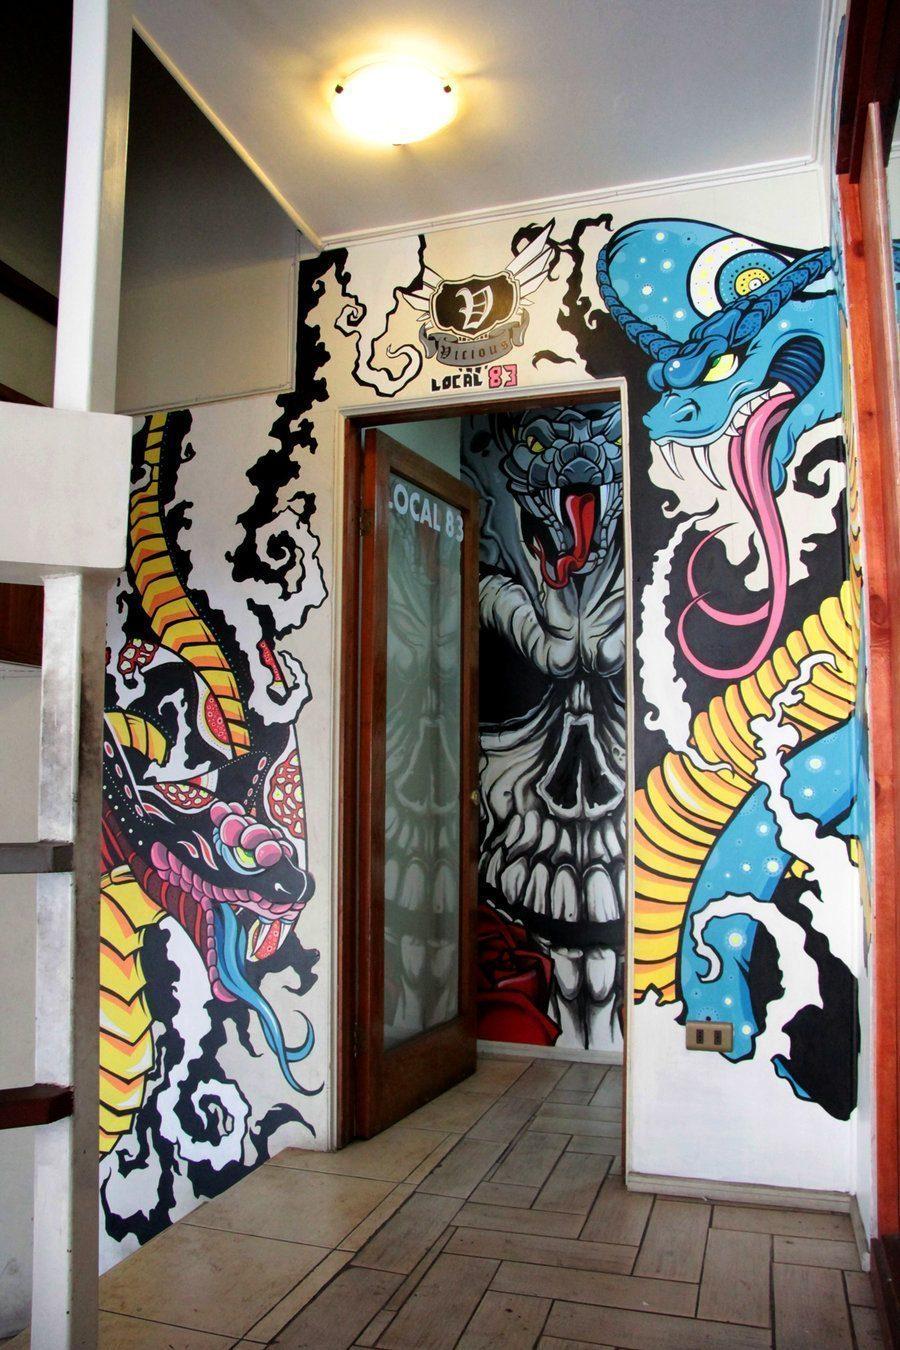 pintura mural  wall painting  by nikograffin d5bxf6h - Vẽ Tranh Tường Tiểu Cảnh